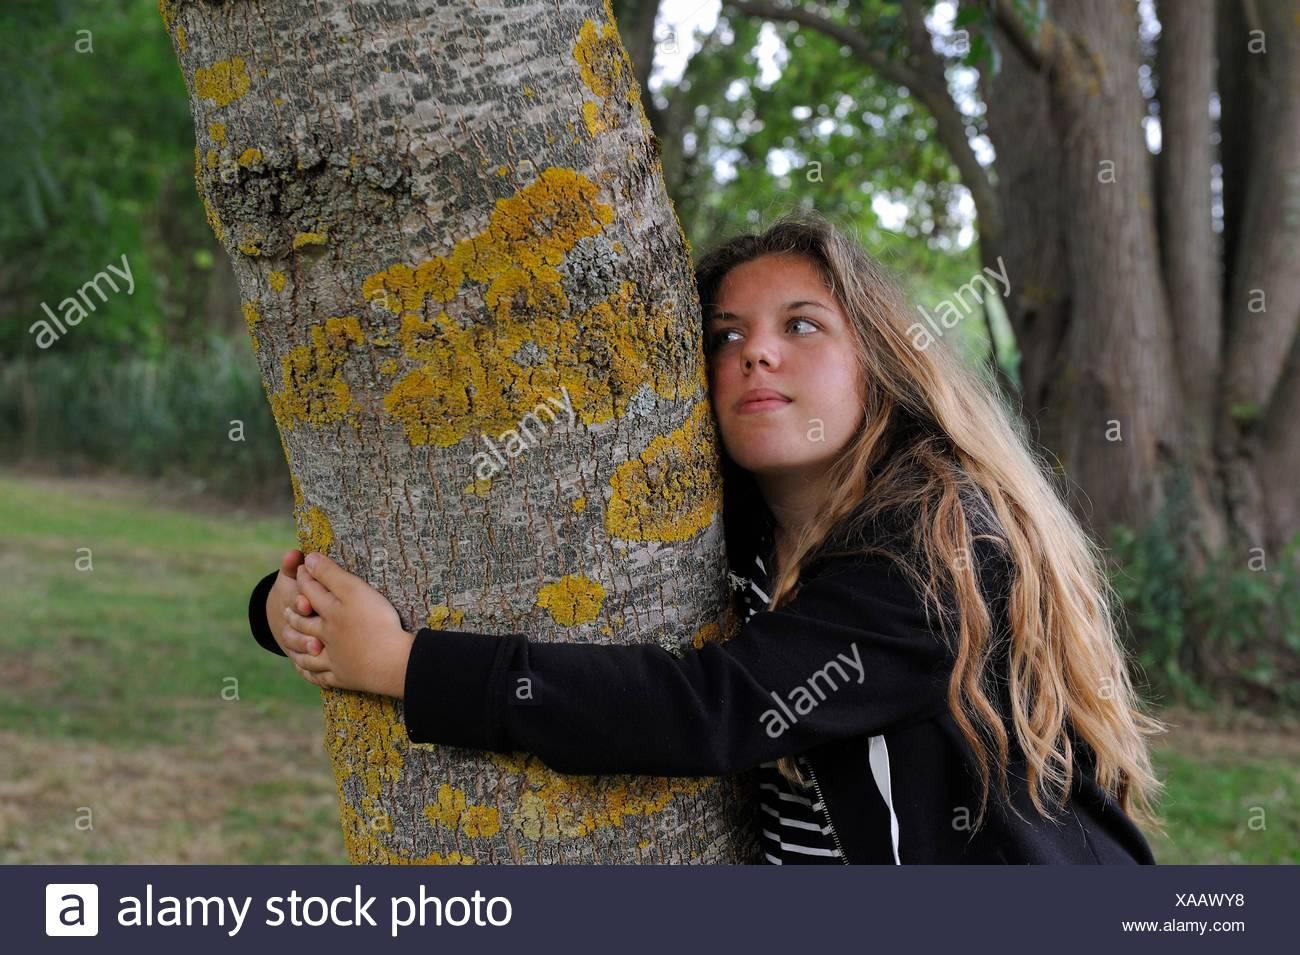 Jeune fille embrassant le tronc d'un frêne, France, Europe. Photo Stock